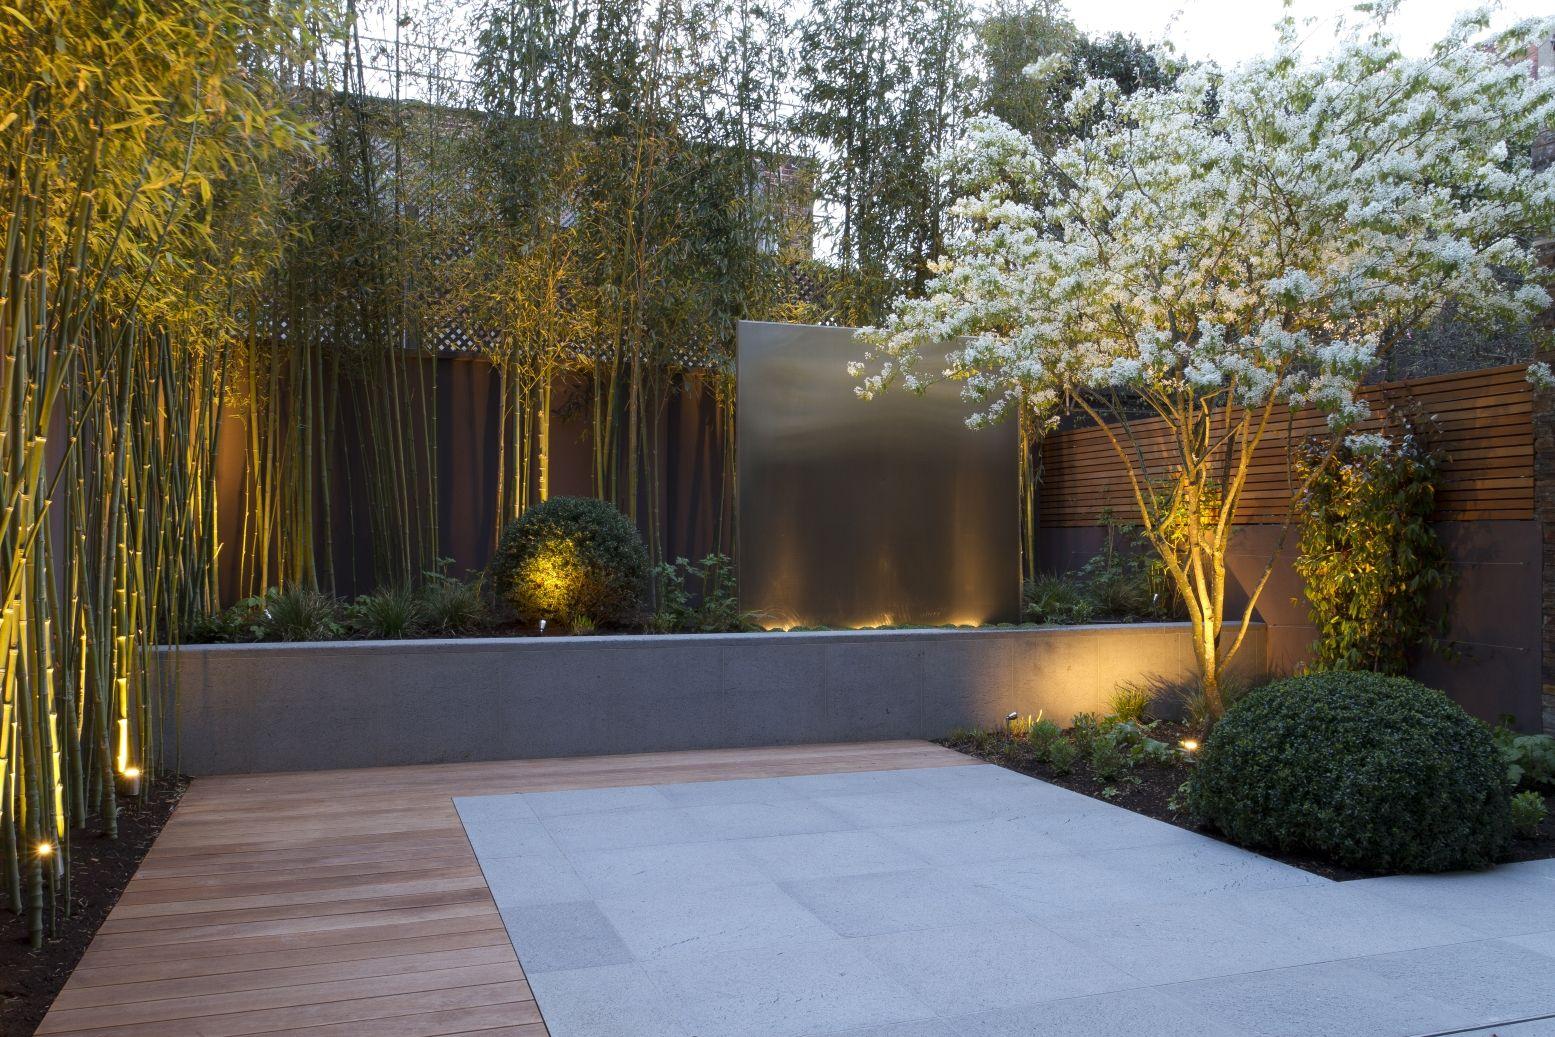 PREVIOUS AWARDS  Outdoor gardens design, Modern garden